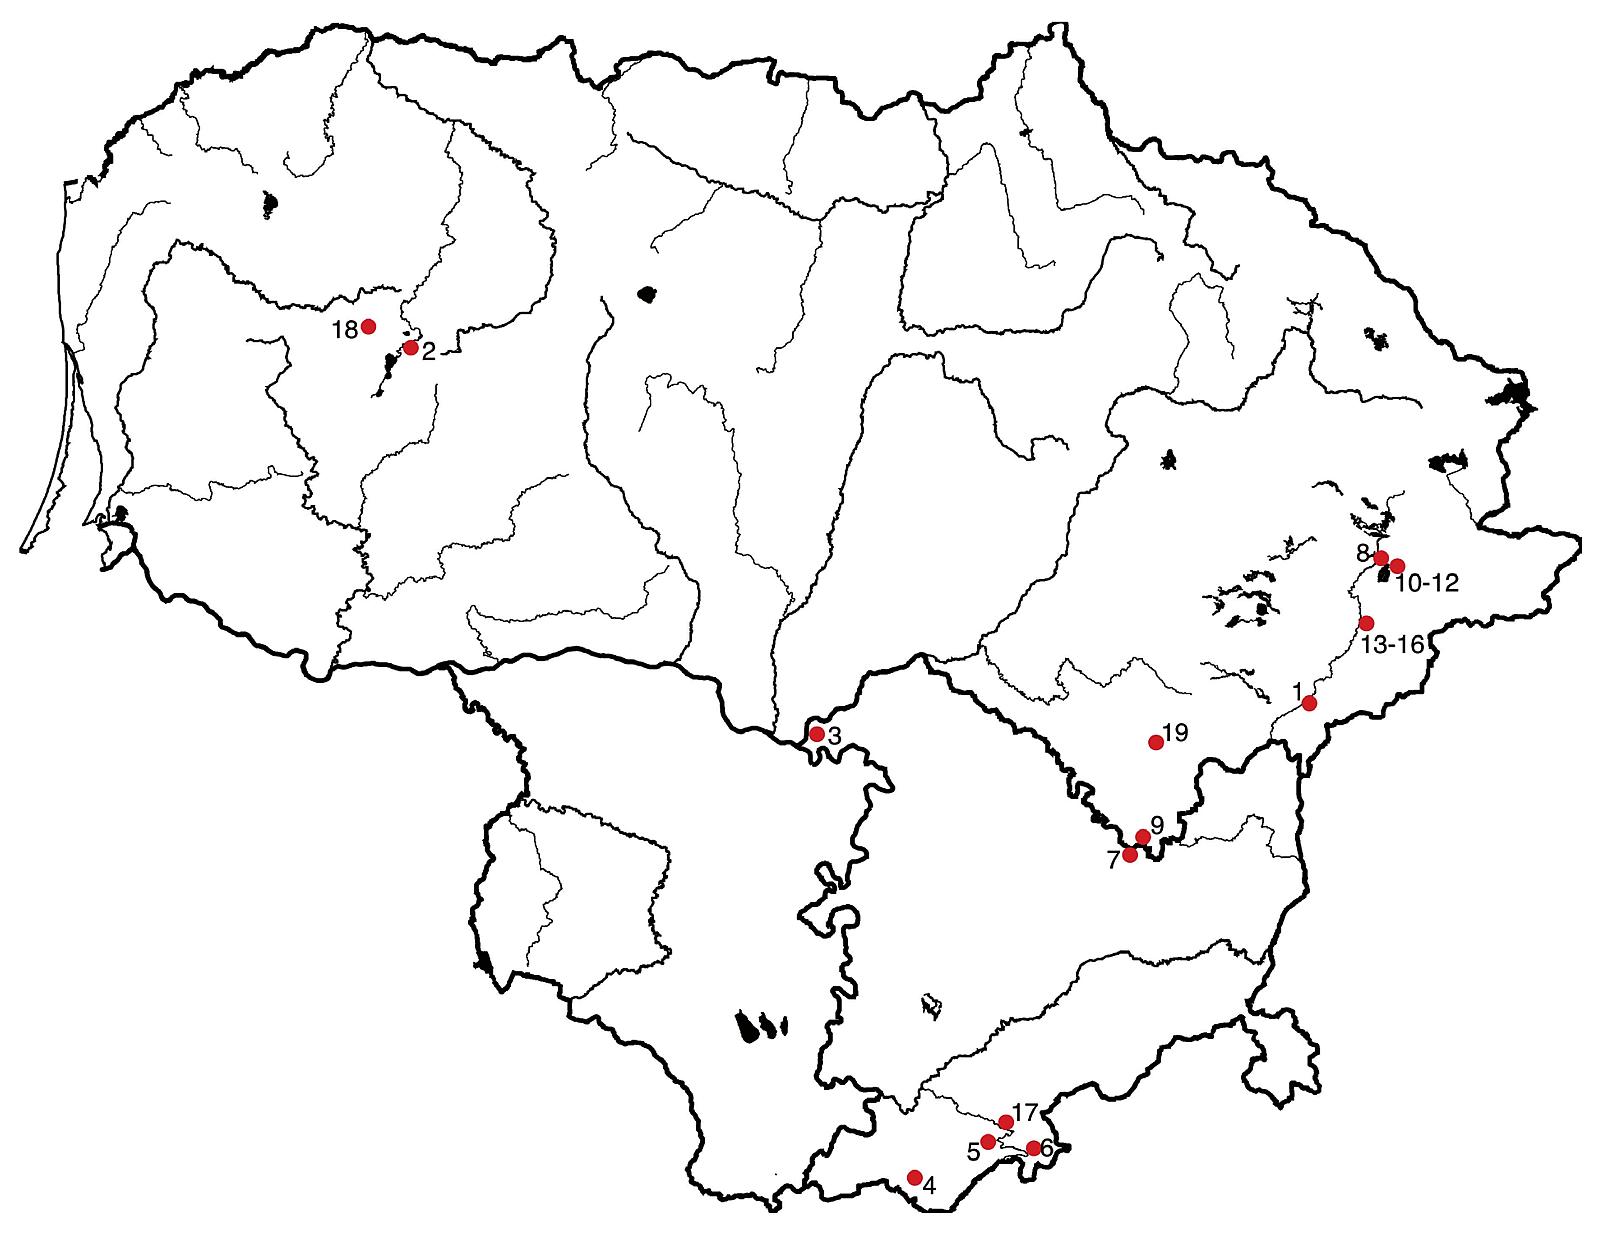 1 žemėlapis. Ikineolitinių gyvenviečių, kuriose aptikta netitnaginių uolienų radinių, paplitimas Lietuvoje (parengė Gabrielė Gudaitienė) / Map no. 1. Pre-Neolithic settlements in Lithuania where non-flint raw material artifacts were found